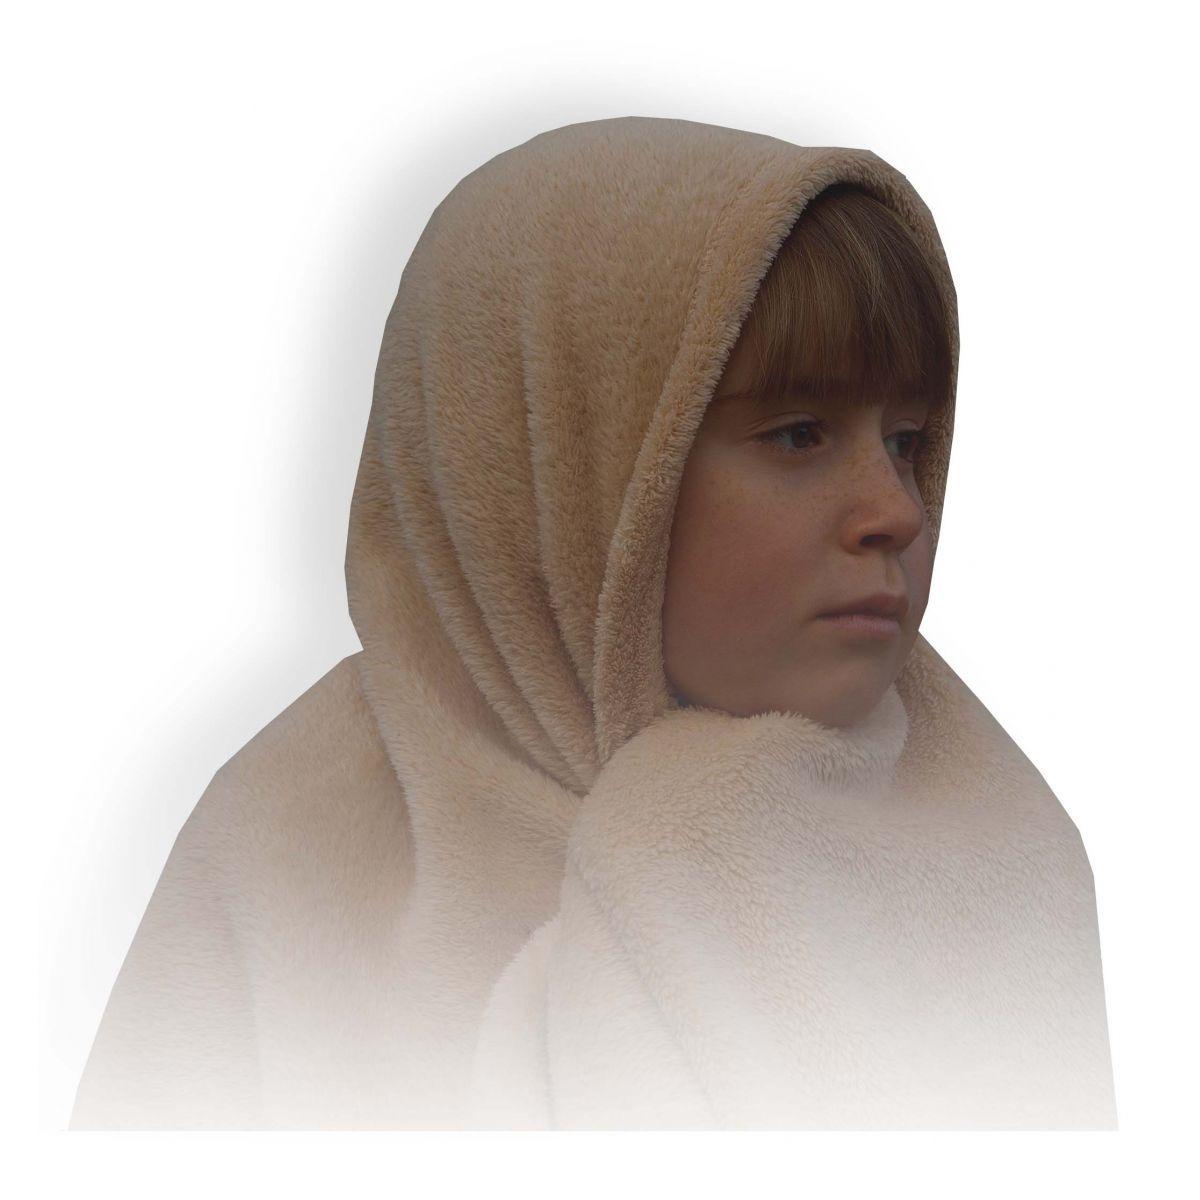 Manta infantil soft (Marrom) - Matinali Textil